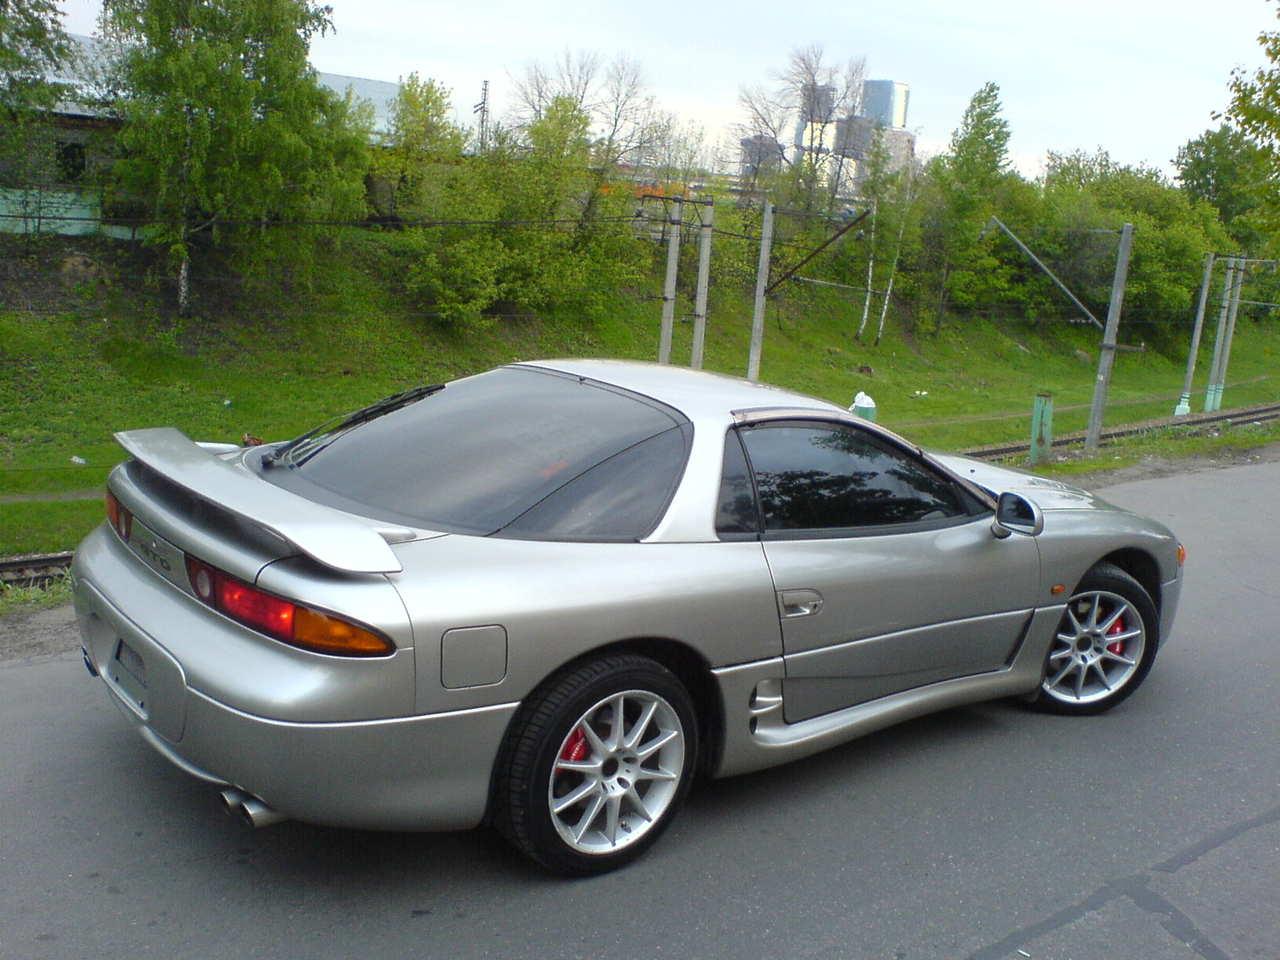 1998 Mitsubishi GTO Pics, 3.0, Gasoline, Automatic For Sale